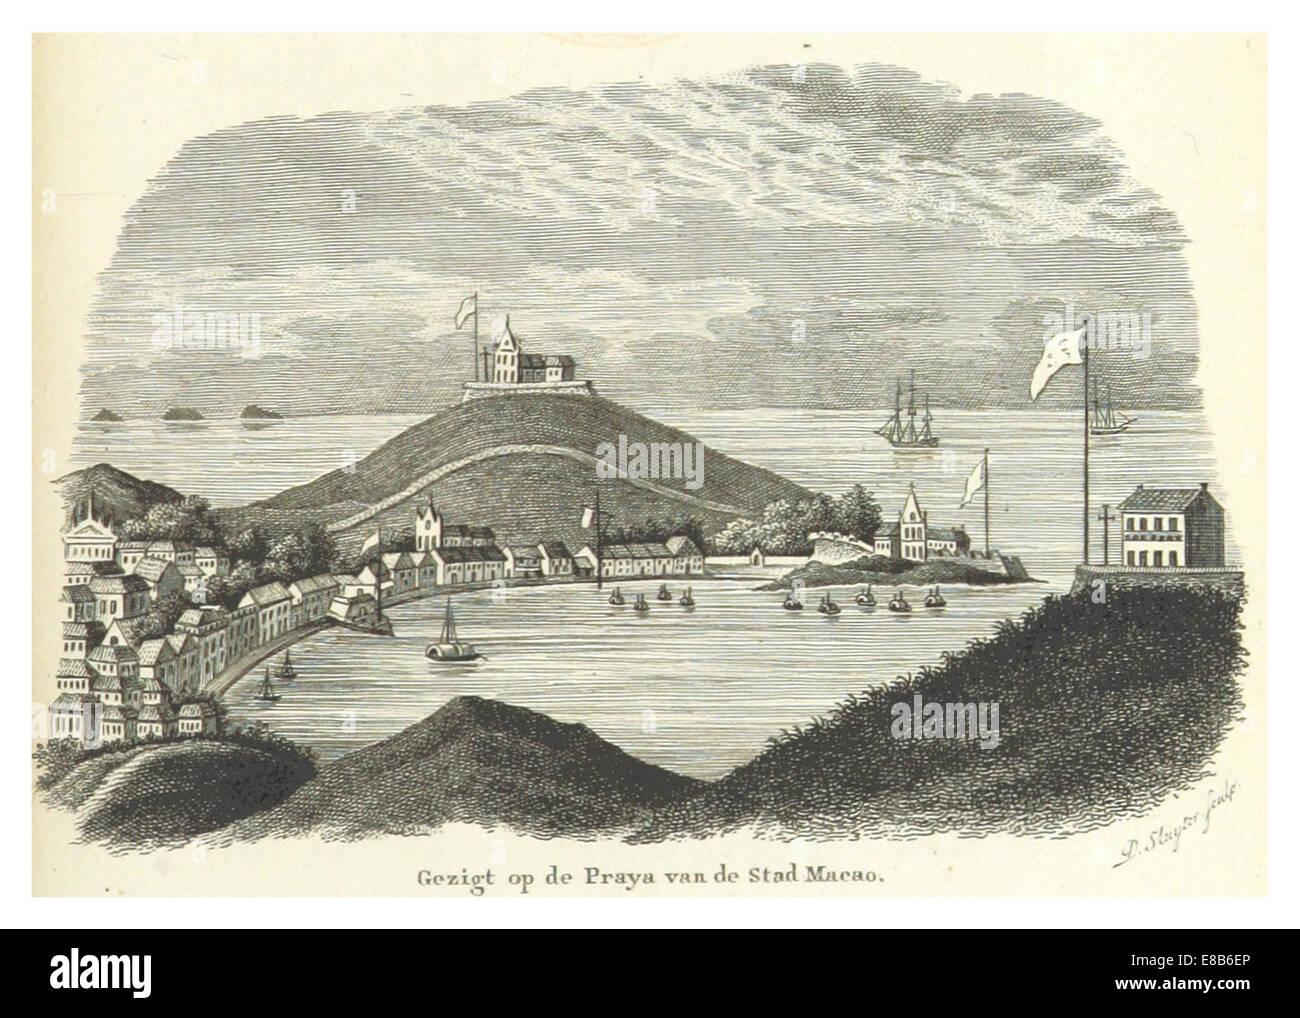 BOELEN(1836) T3 p011 PRAYA VAN DE STAD MACAO - Stock Image